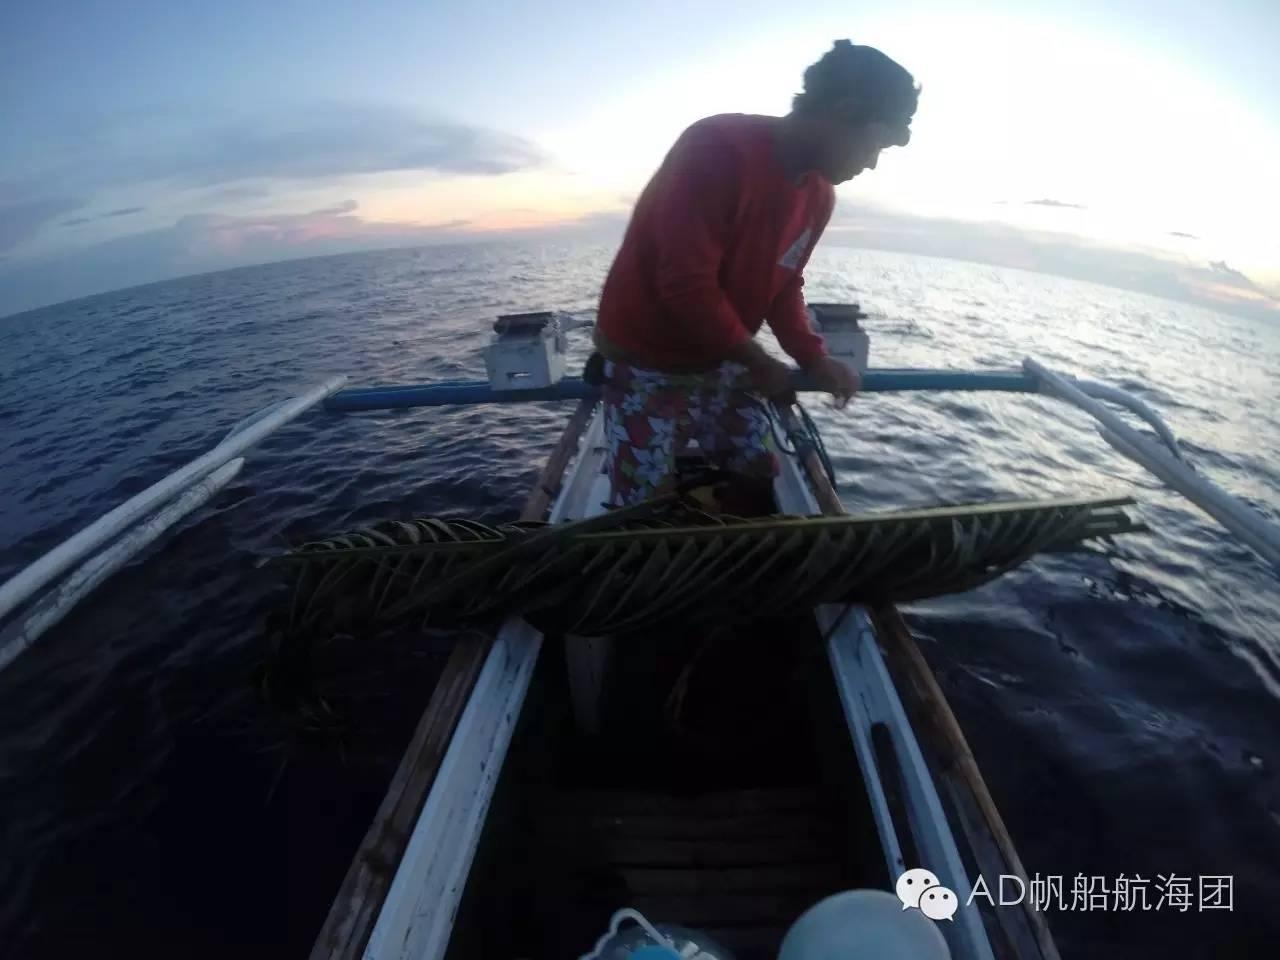 帆船游记二十三:甘米银岛夜捕金枪鱼 1dccaa2914a0840affd58a0879ad7dfe.jpg